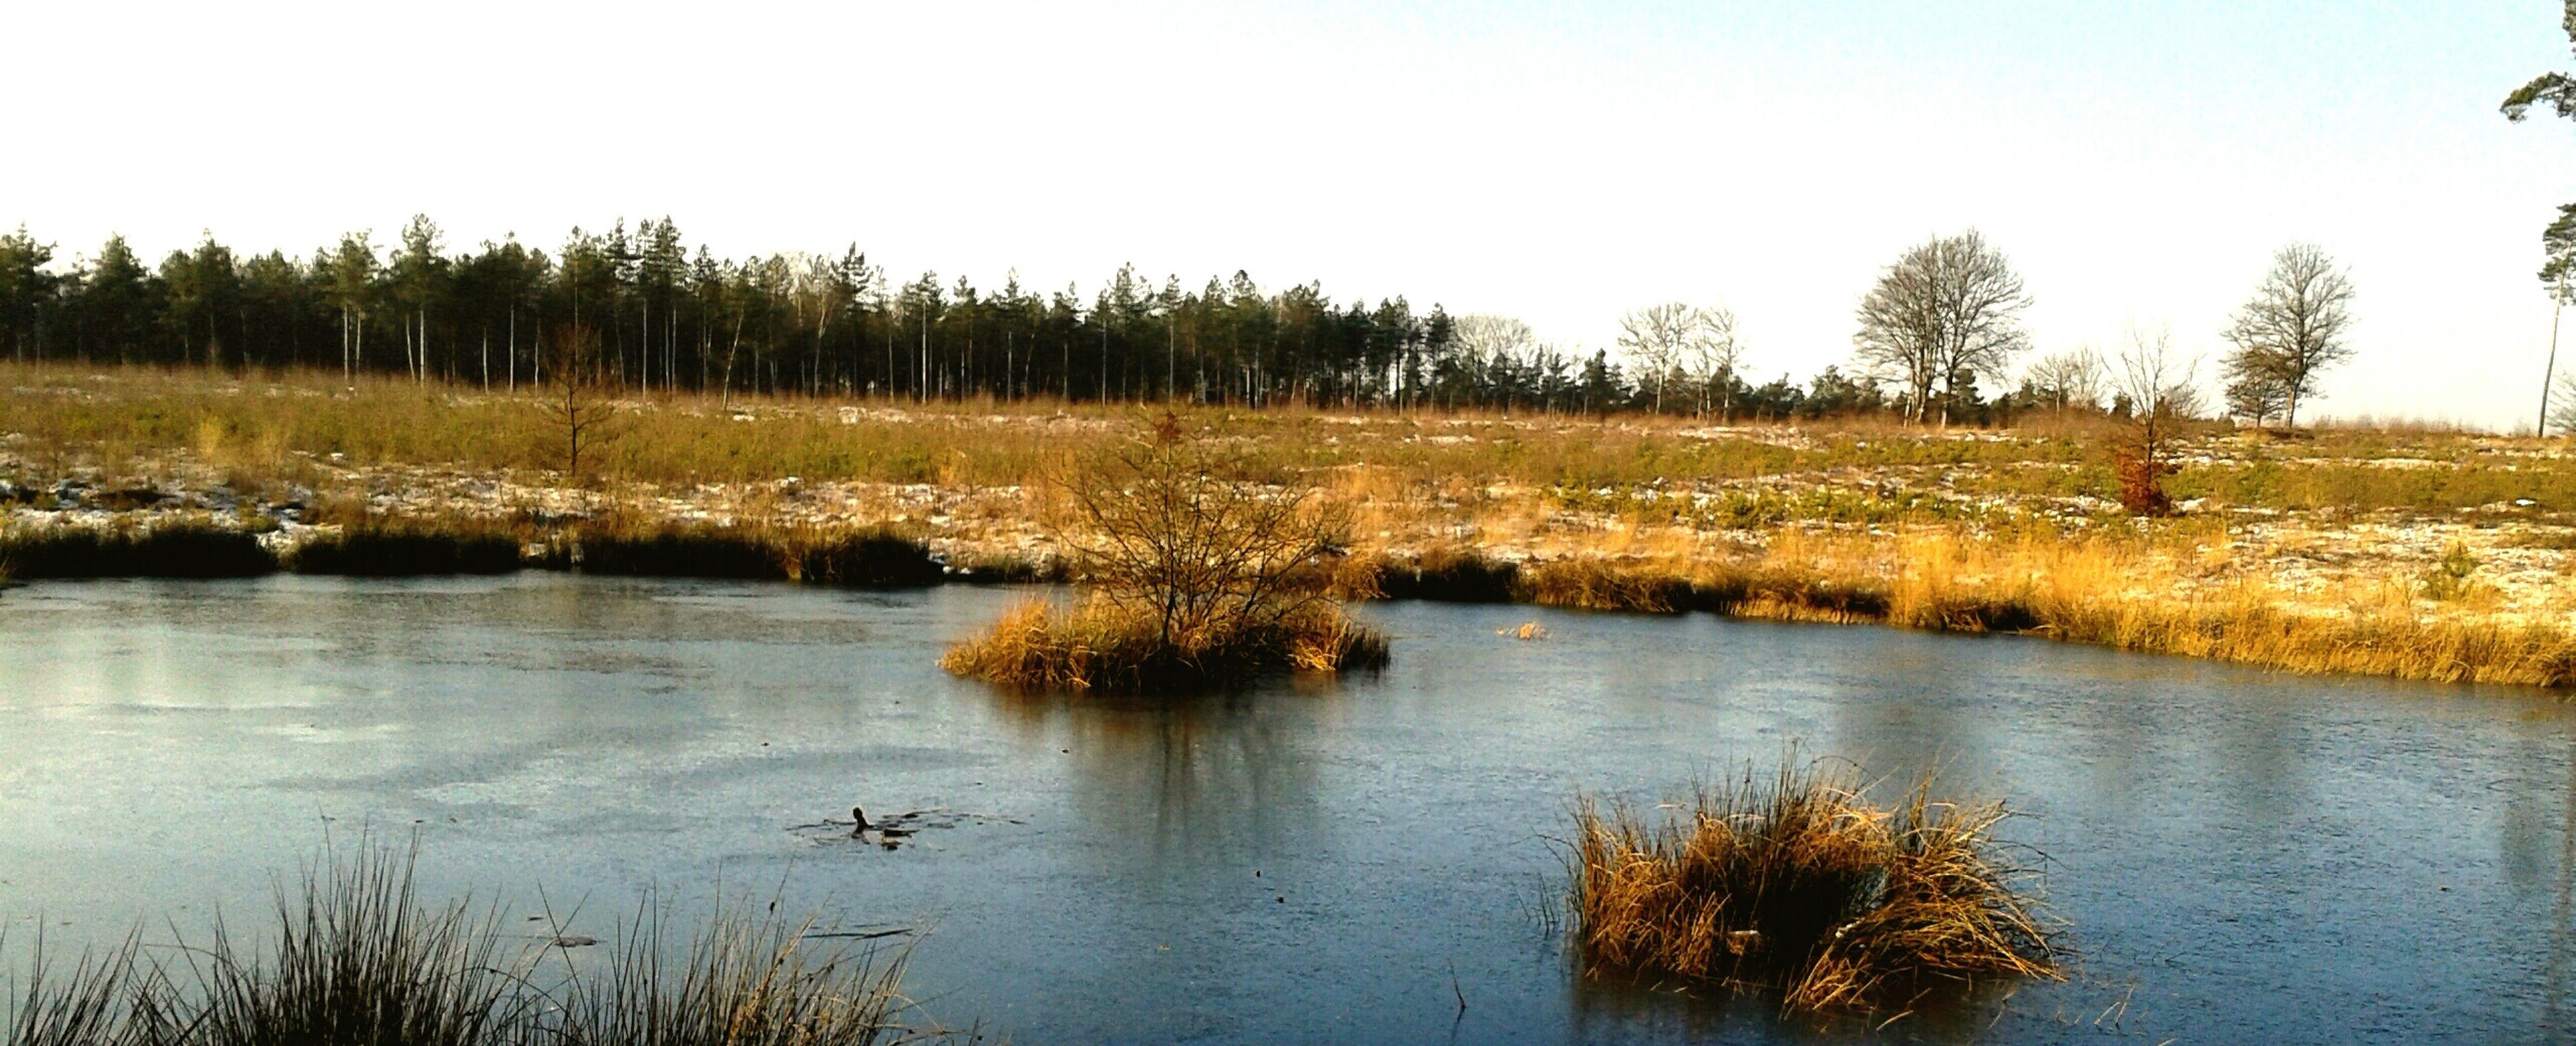 't Leesten Landscape Nature Veluwe Apeldoorn